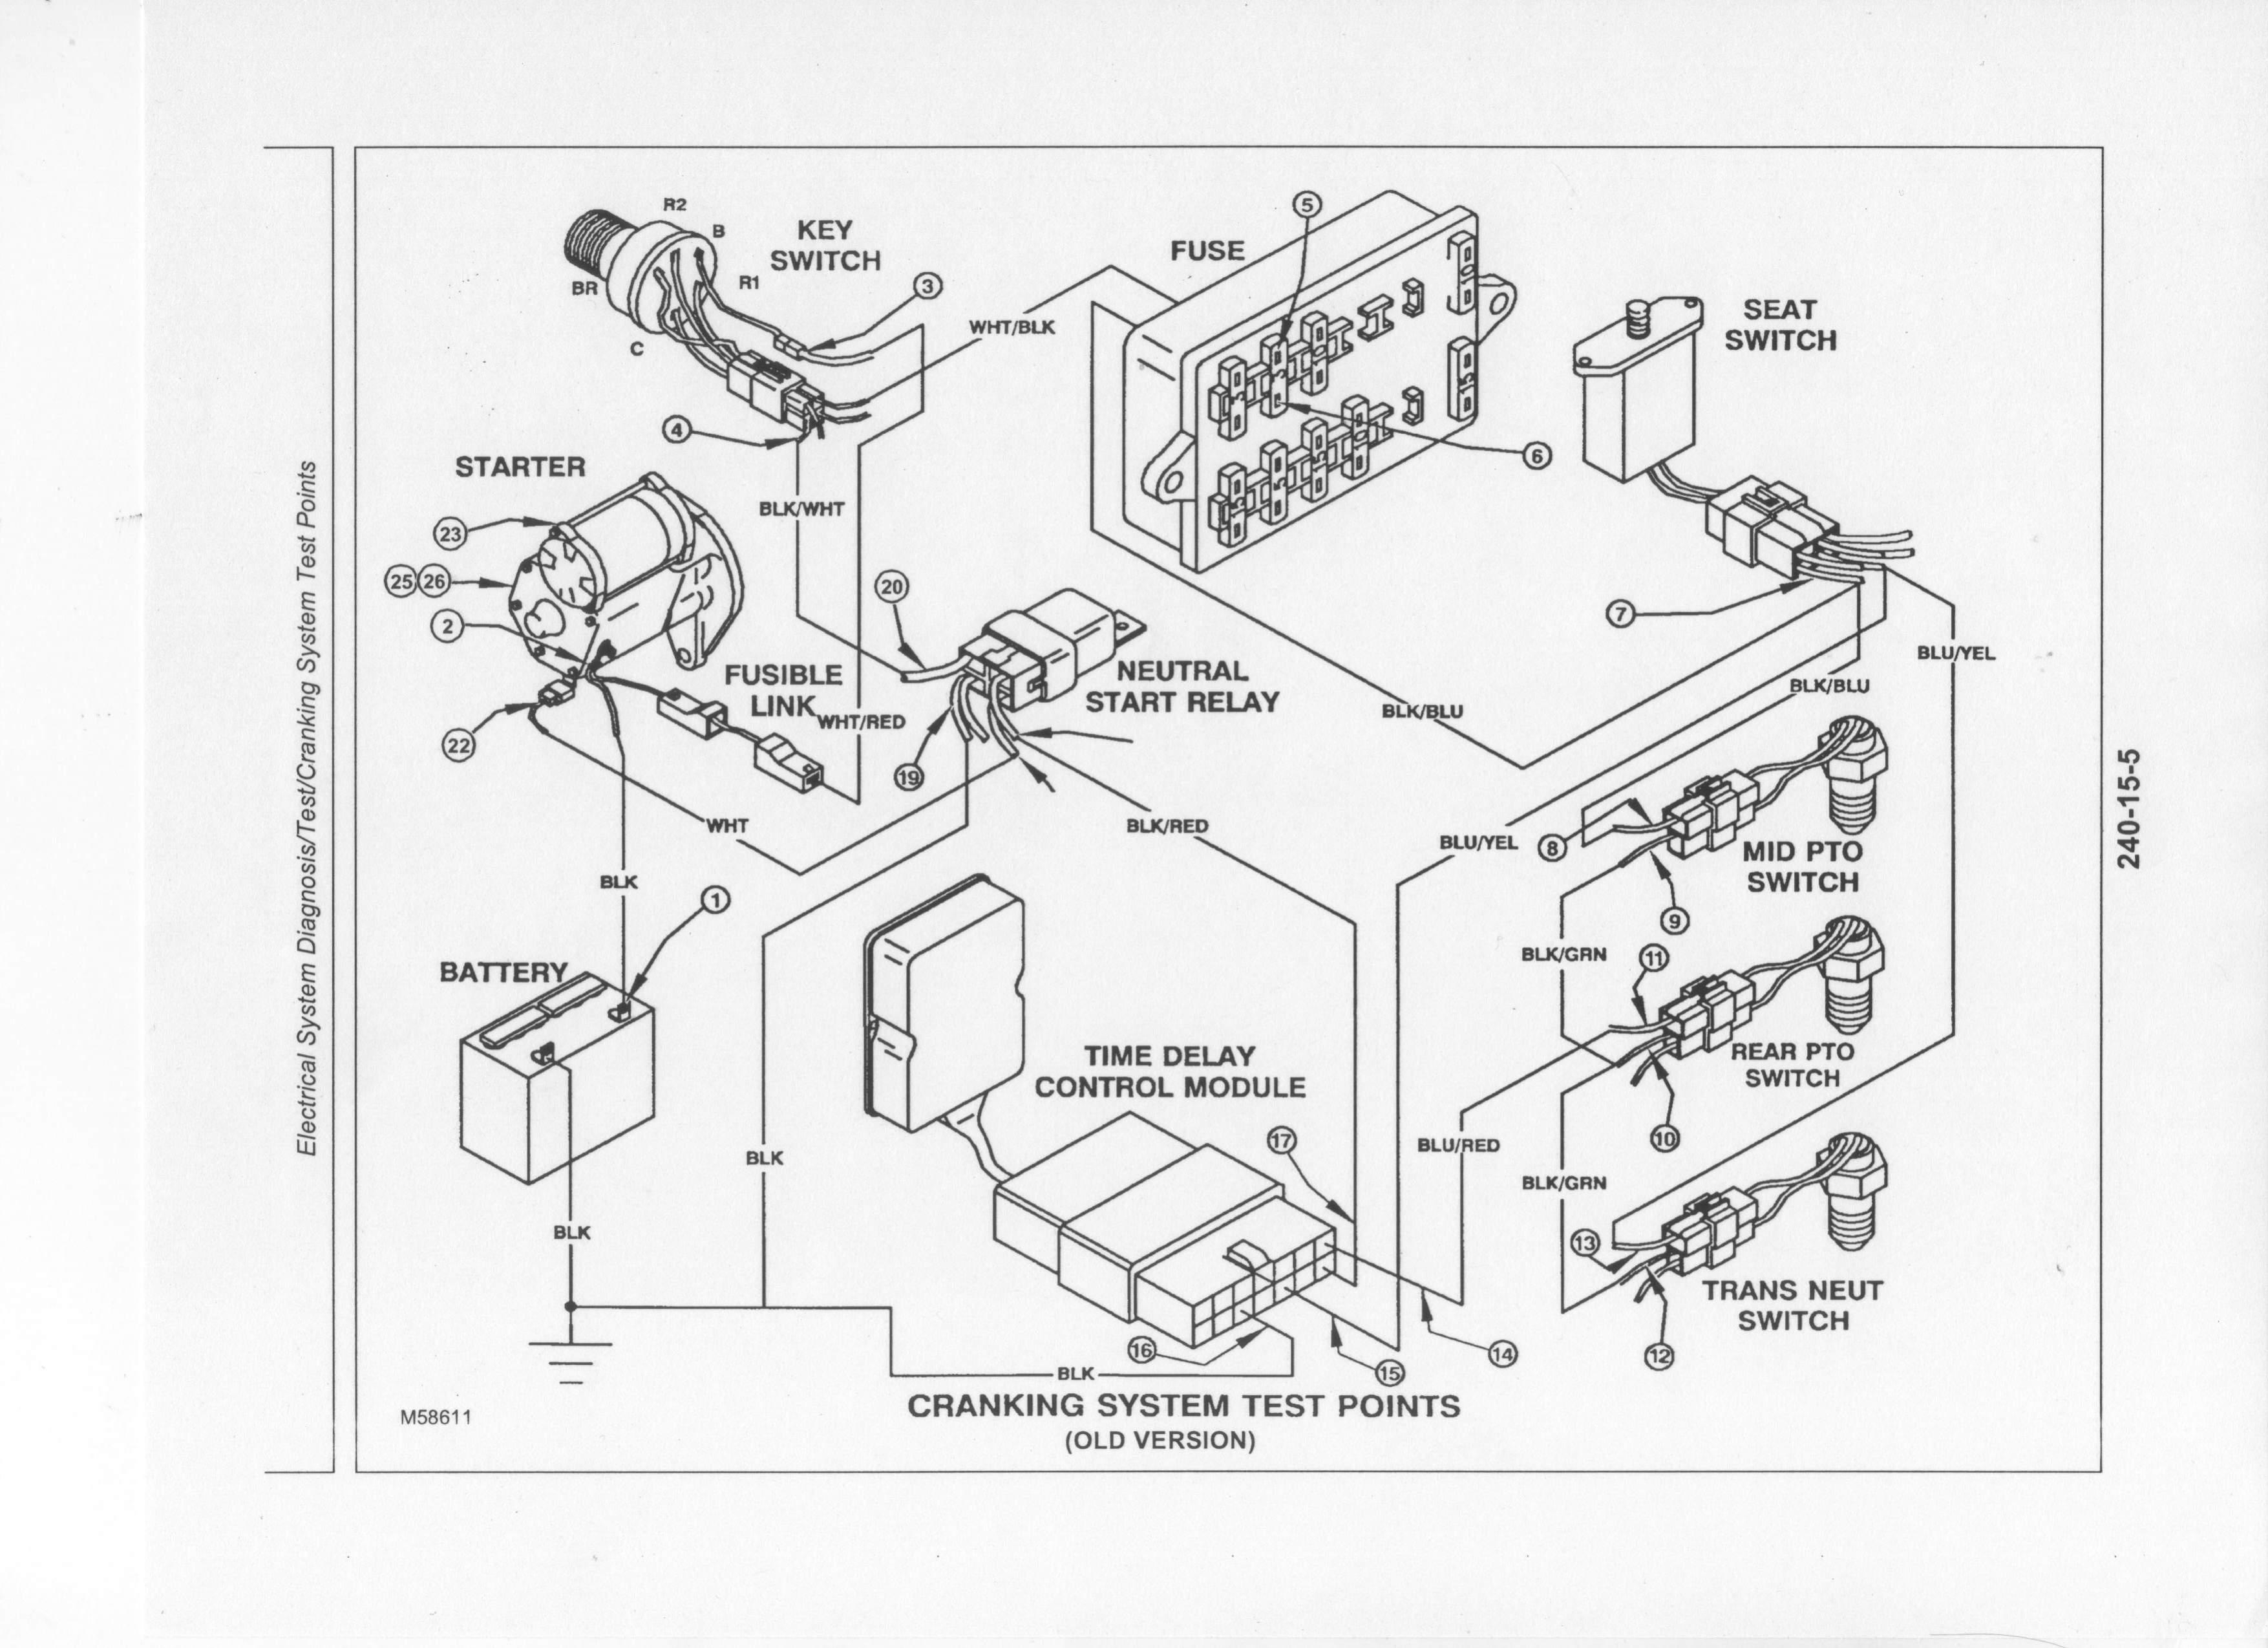 [DIAGRAM] John Deere 111 Wiring Diagram Pdf FULL Version